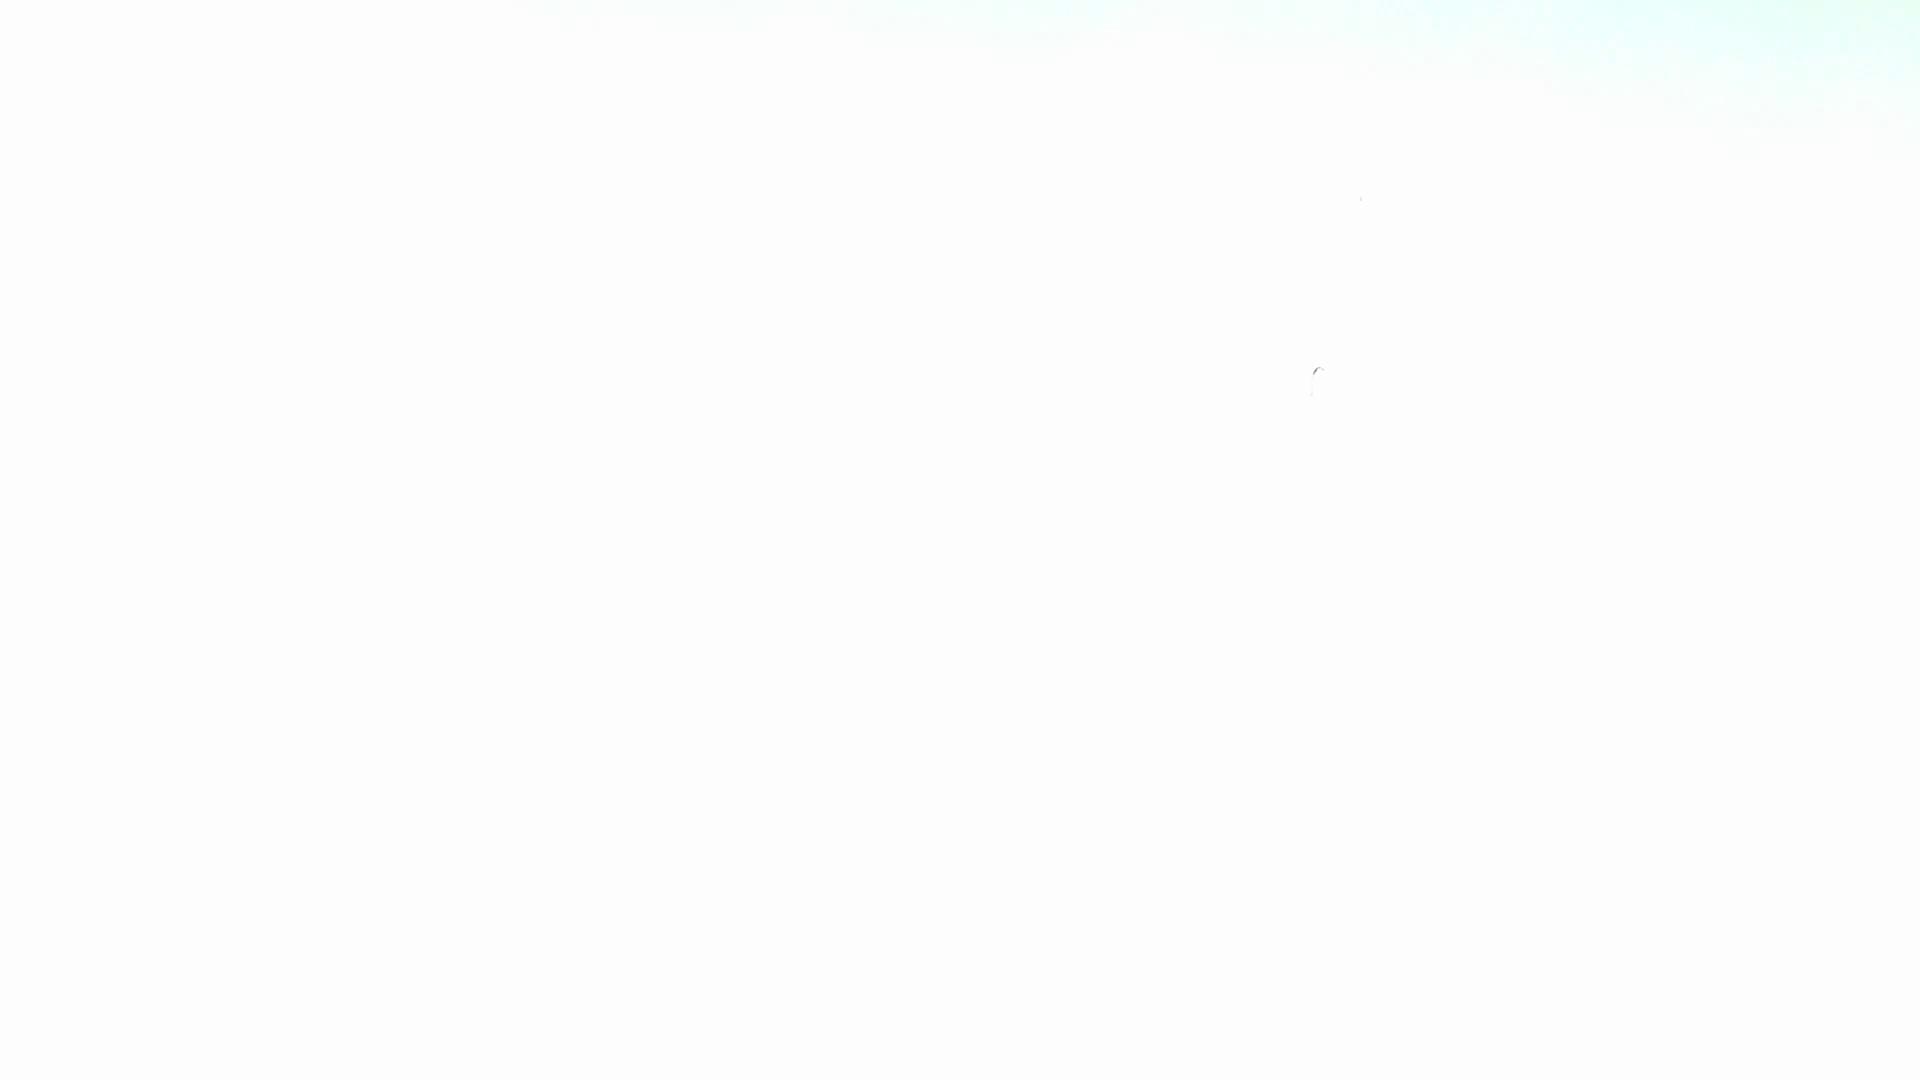 上級者の方専用 vol.07 OLセックス | 0  102画像 29